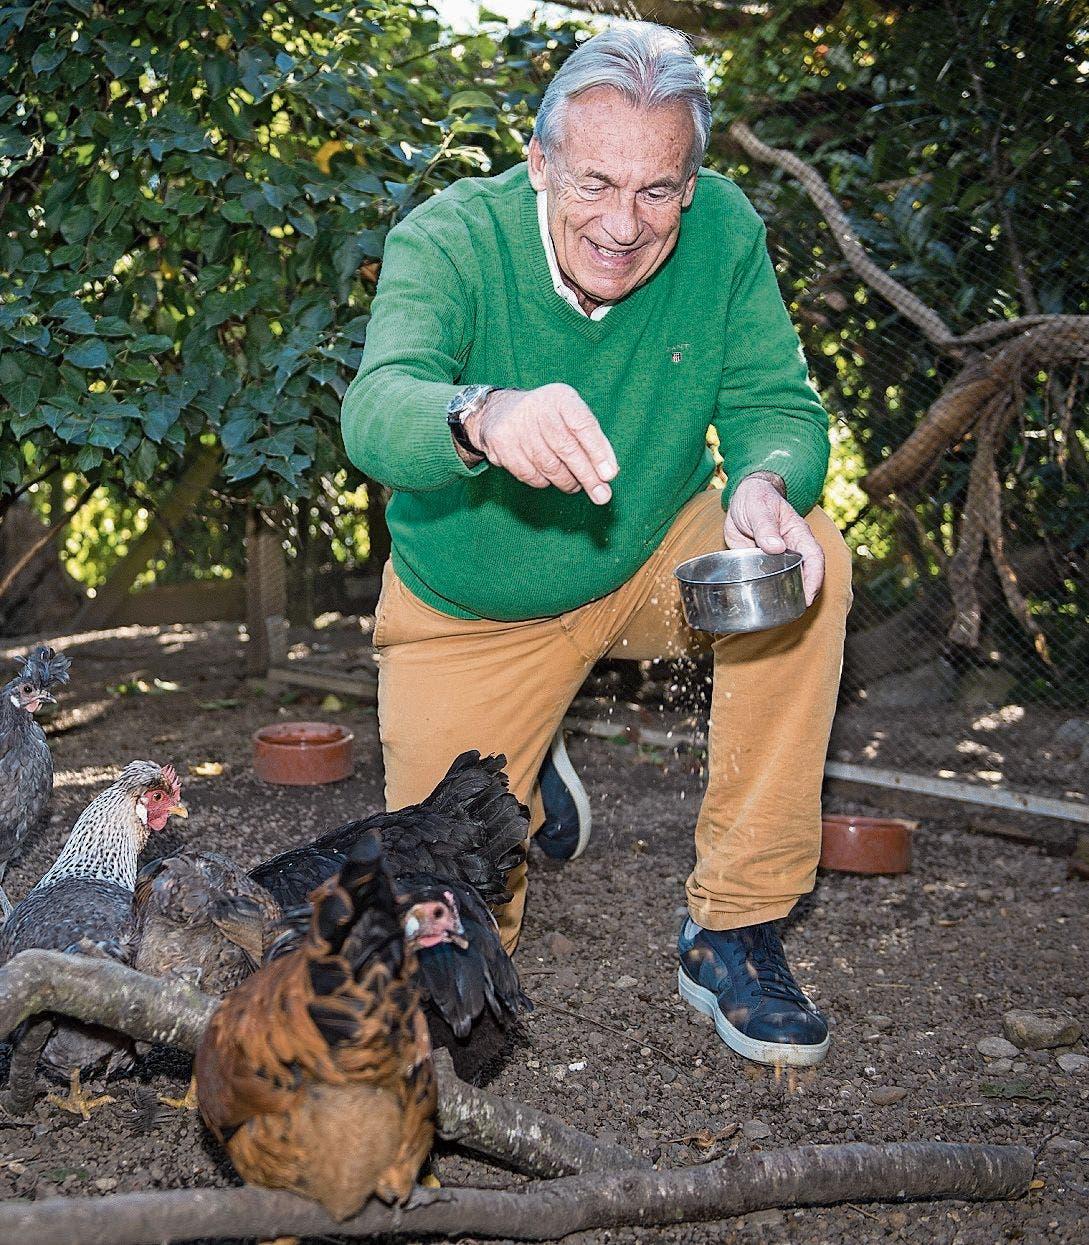 Wann immer er Zeit hat, füttert Pepe Lienhard seine Hühner und Kaninchen, und er mistet auch ihre Ställe aus. (Bild: Reto Martin (25. Sept. 2018))